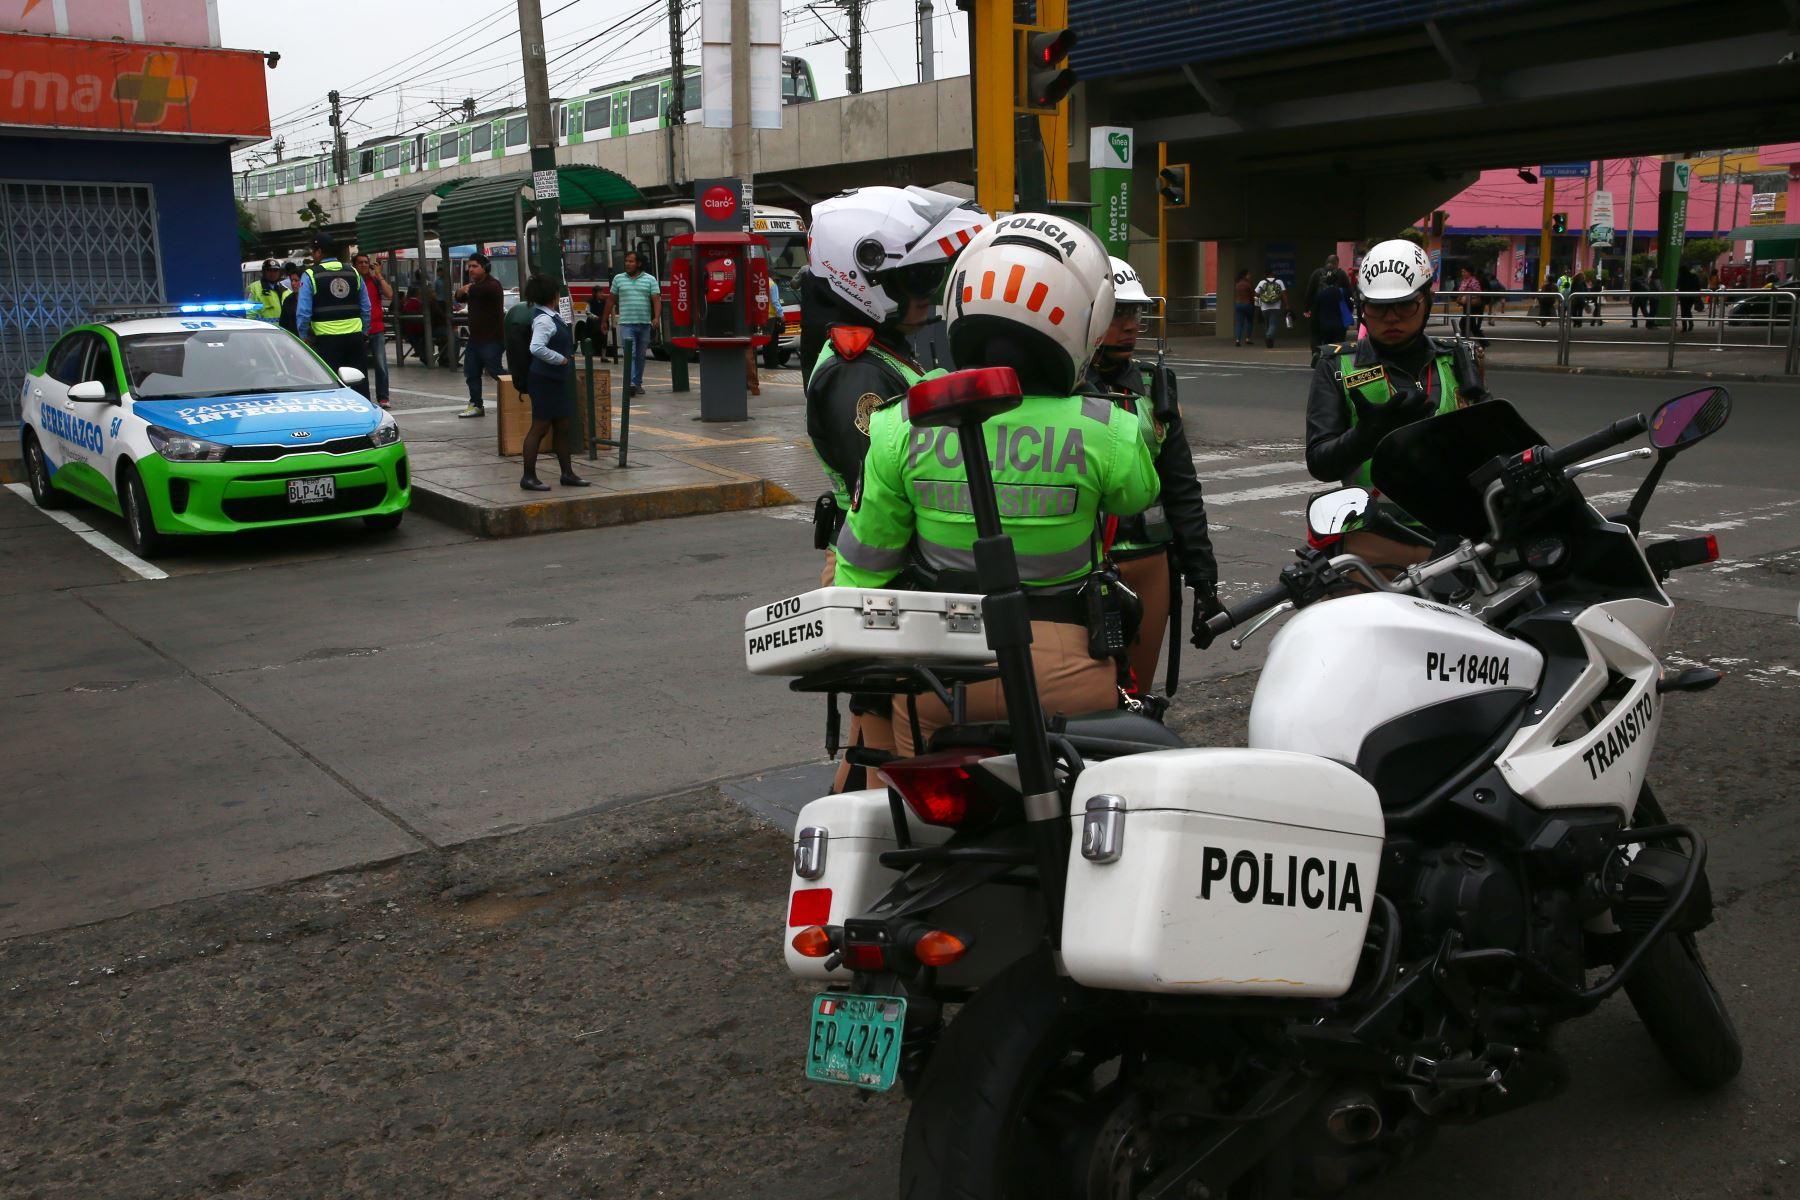 Policía Nacional junto a serenazgo de Surco, realizan operativo en los alrededores del Ovalo Higuereta para evitar el servicio de taxi en moto. Foto: ANDINA/Melina Mejía